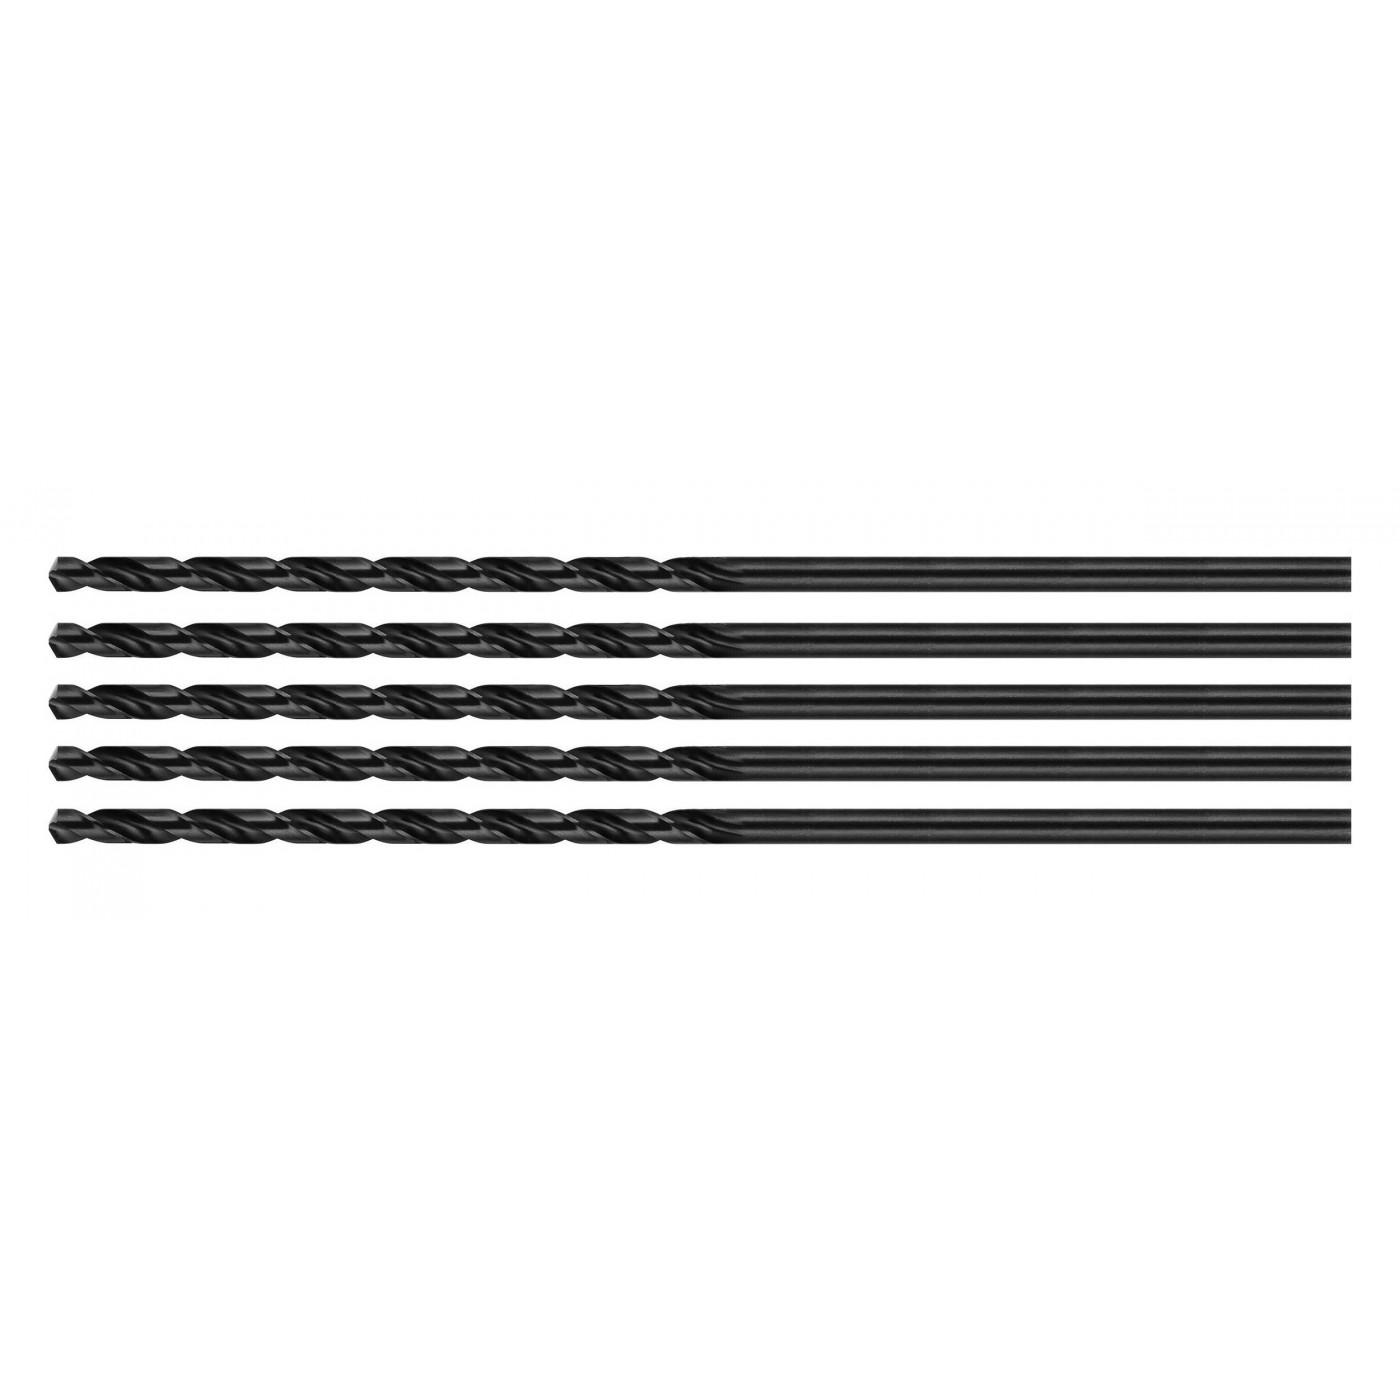 Satz mit 5 Metallbohrern (HSS, 6,0 x 100 mm)  - 1